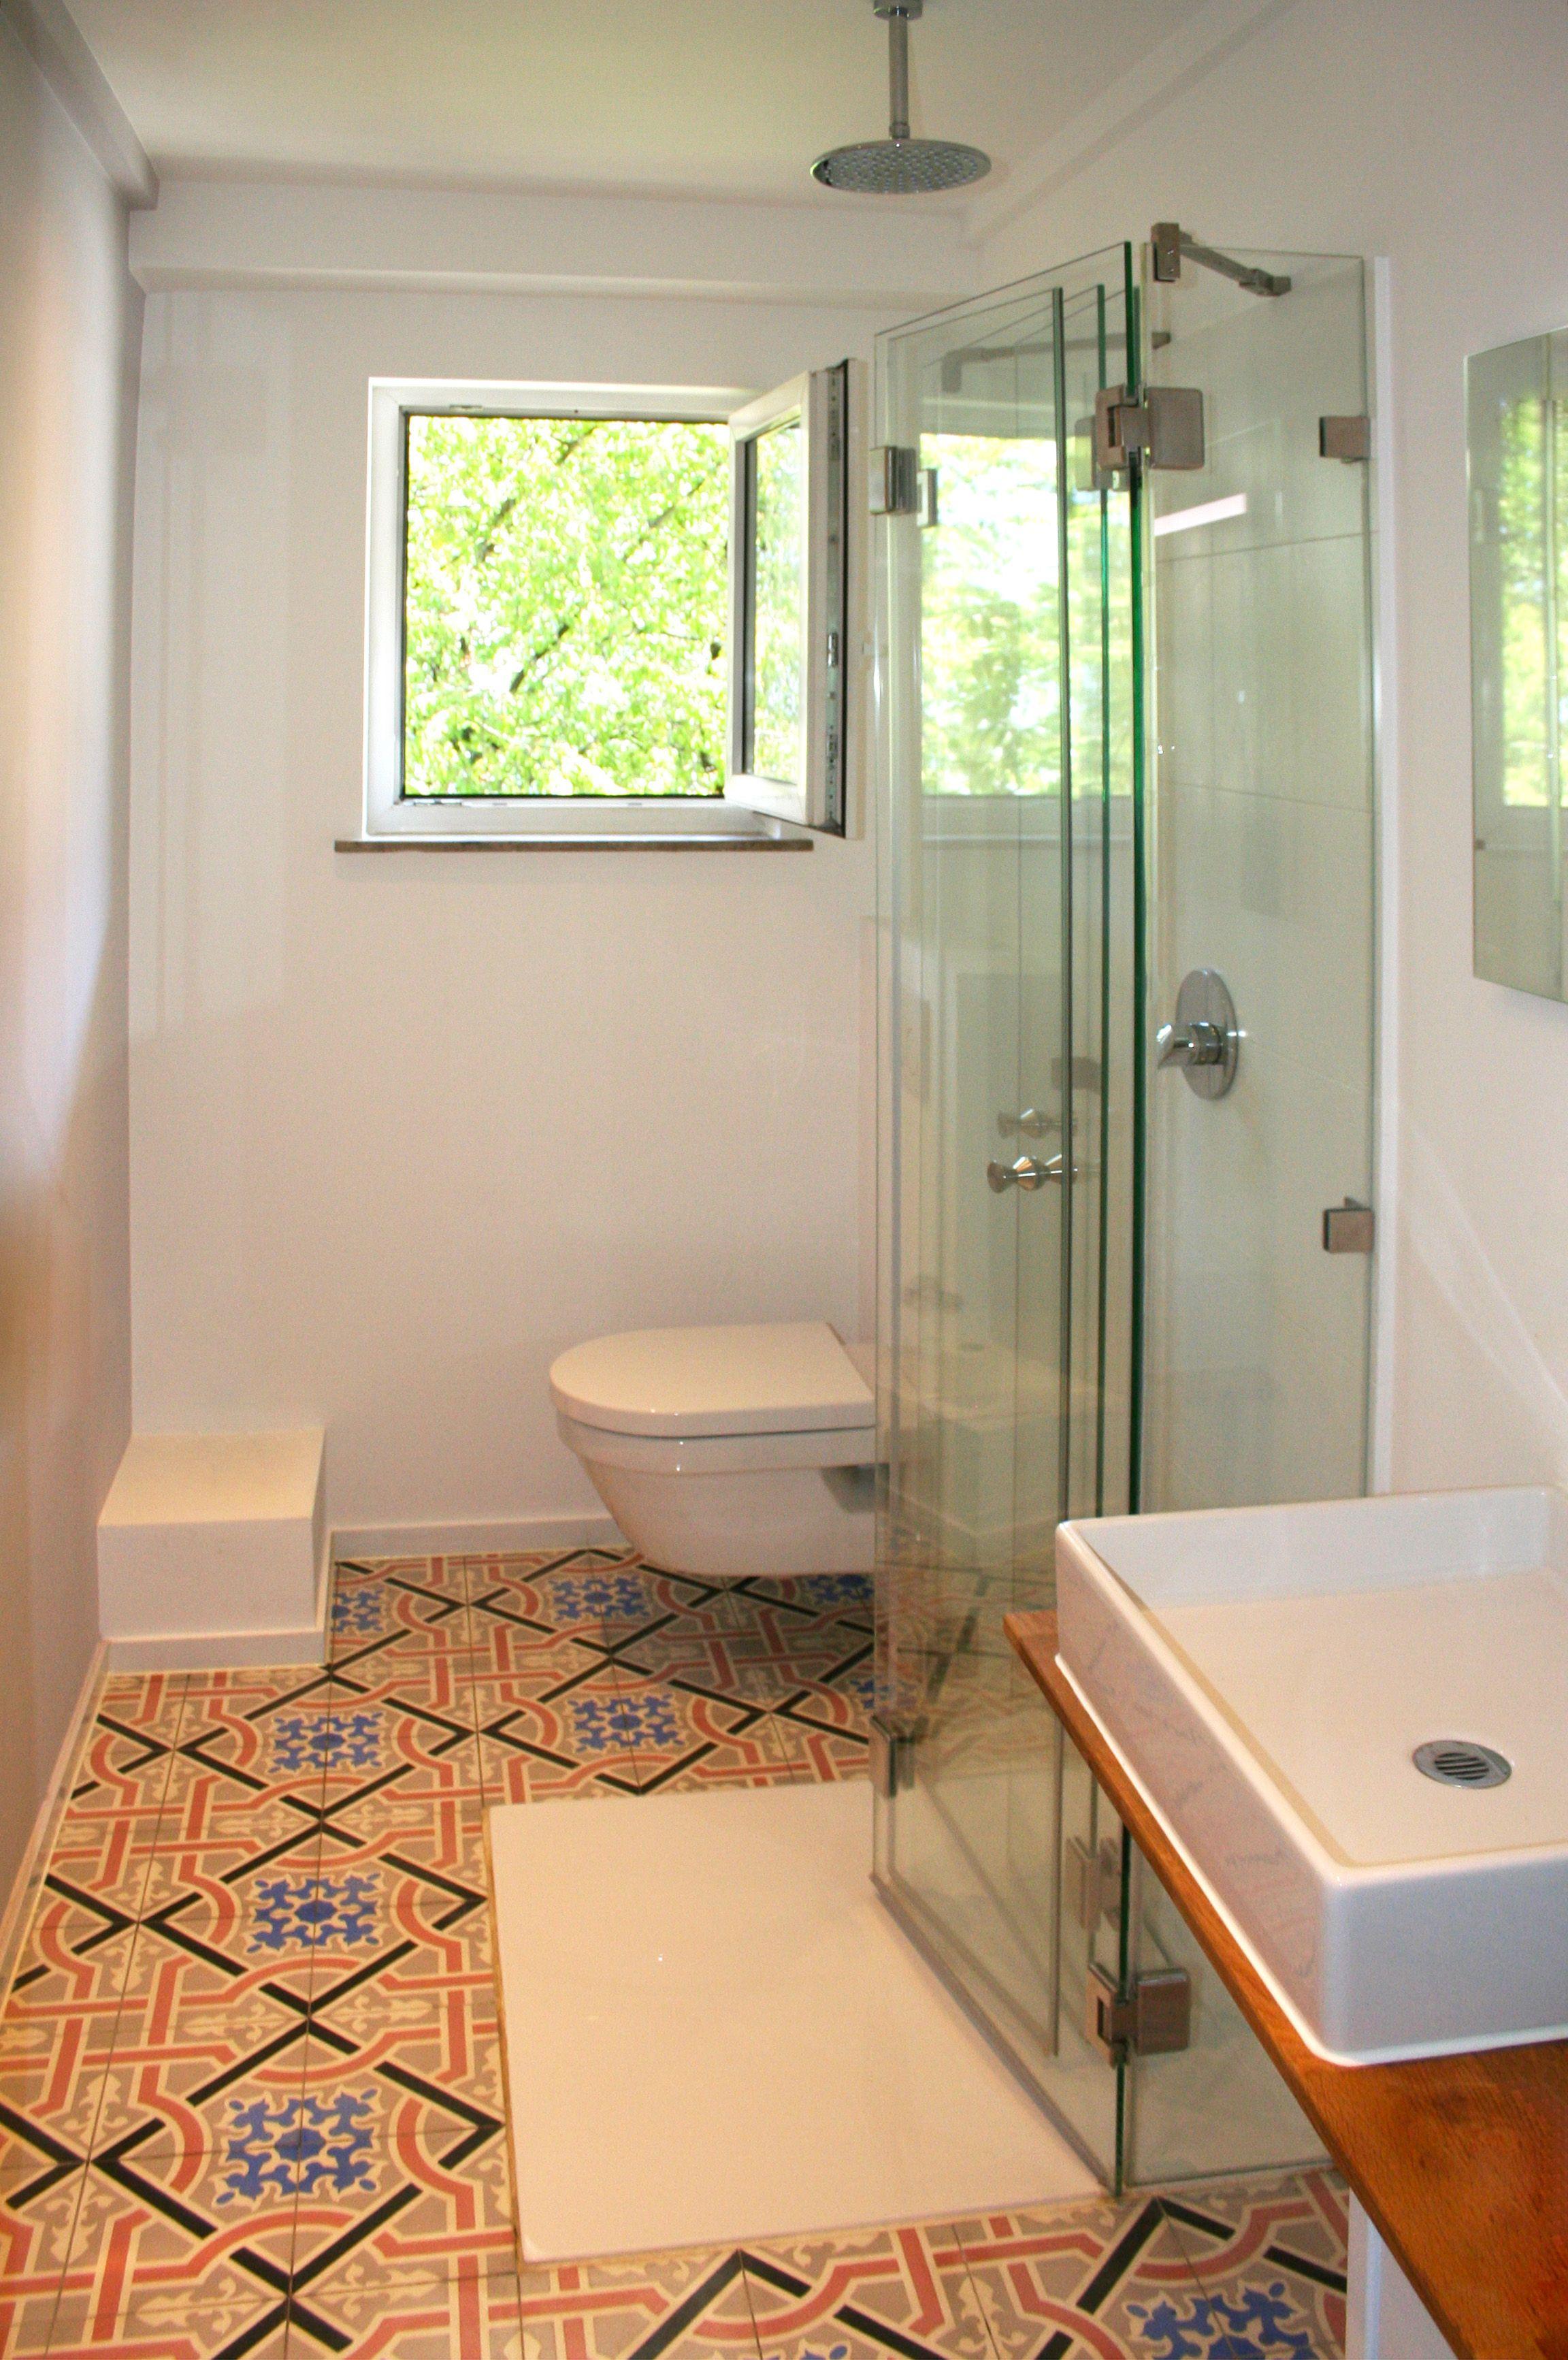 Faltbare U Dusche Platzsparend Und Ideal Fur Beengte Badezimmer Badezimmer Klein Kleine Badezimmer Duschkabine